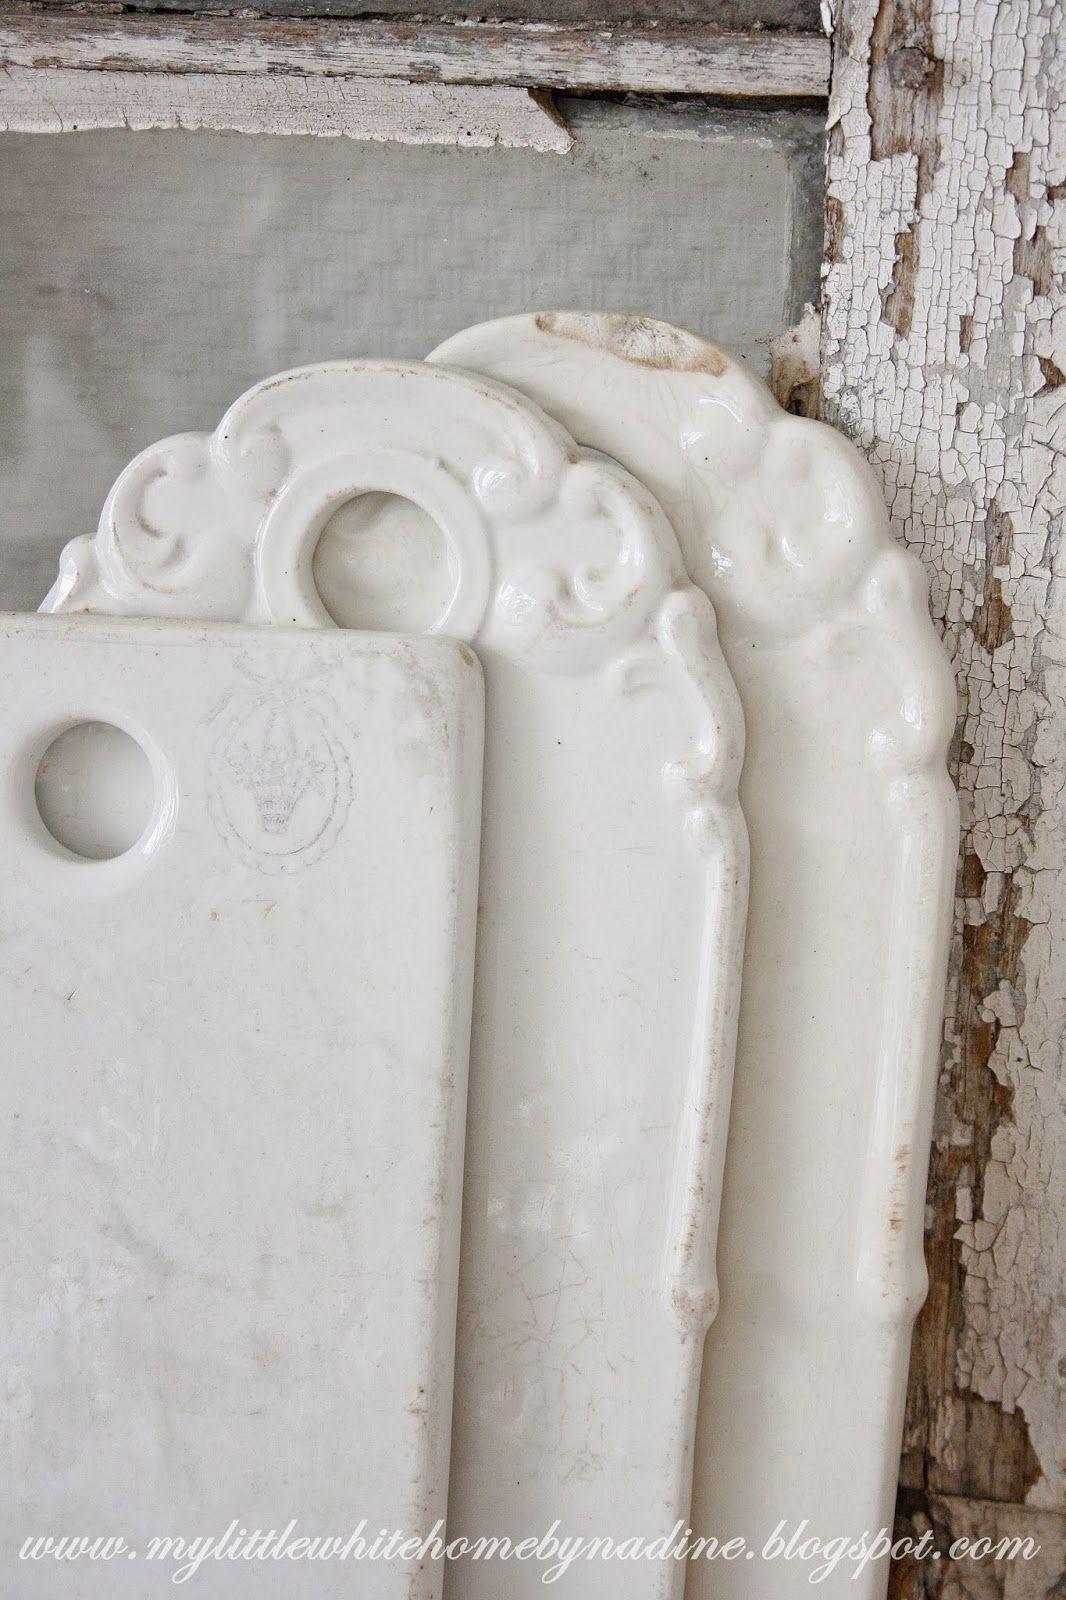 brocante buitenkeuken : My Little White Home By Nadine Porseleinen Schatten White